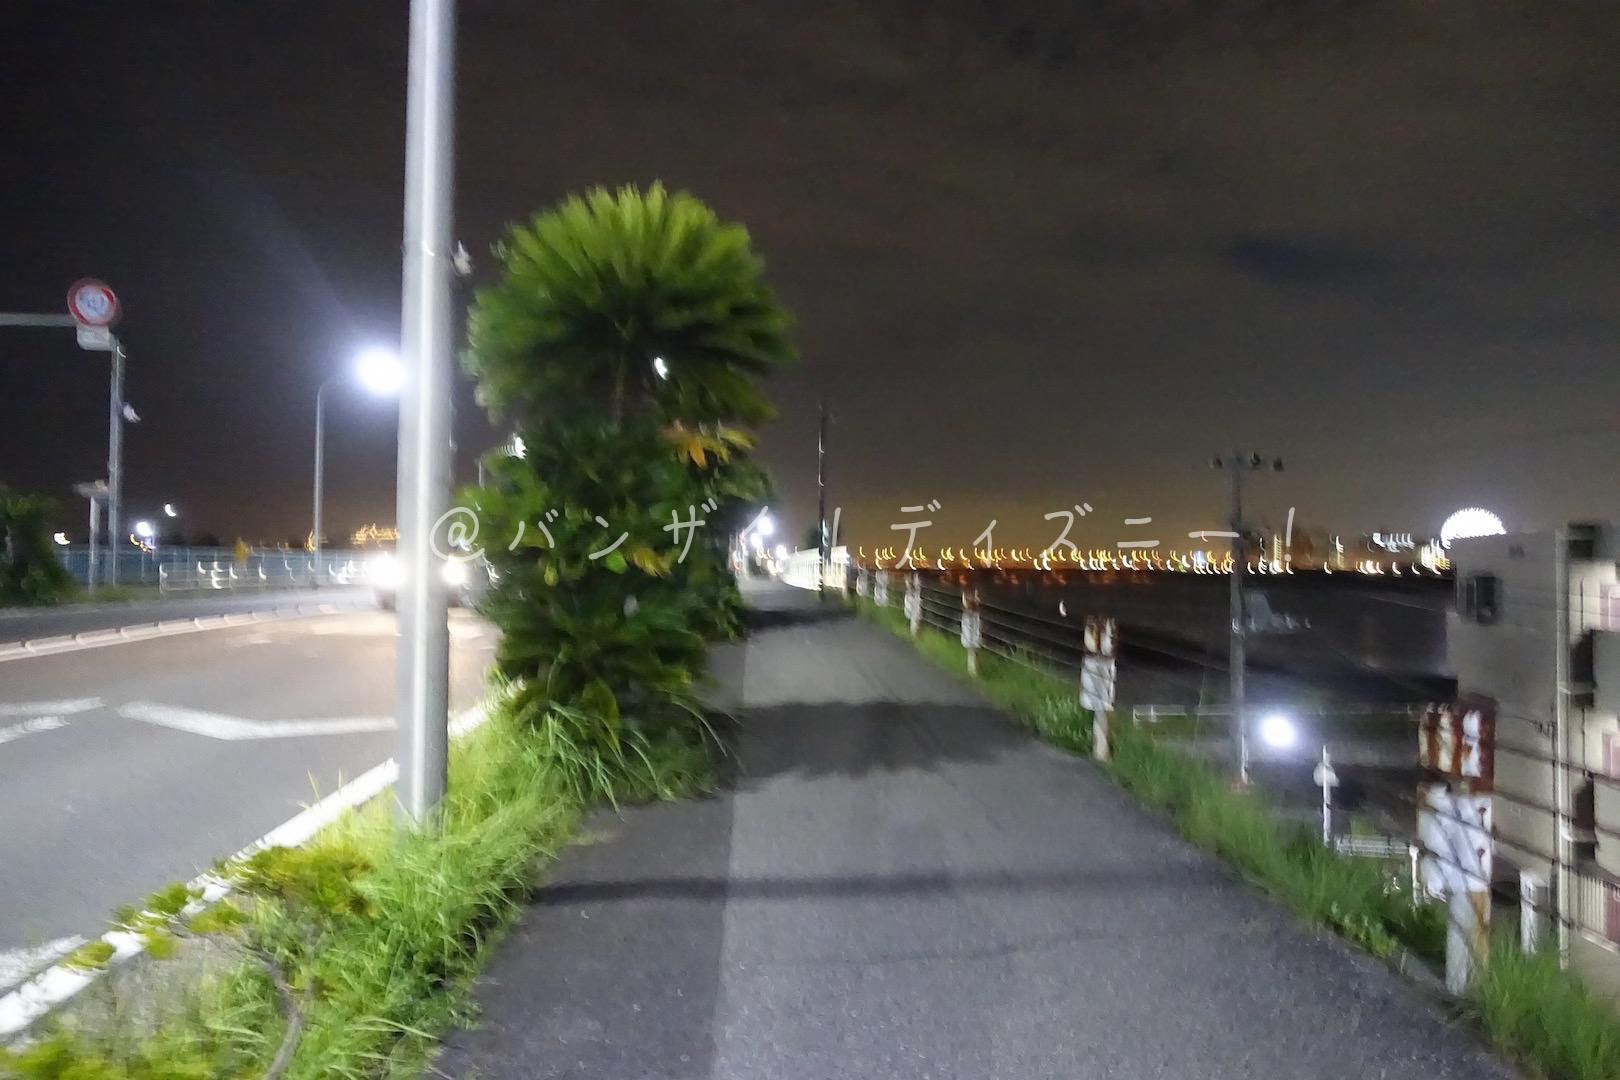 ディズニー外周ジョギング006回目!初めての夜ジョギング!今日は二回目!